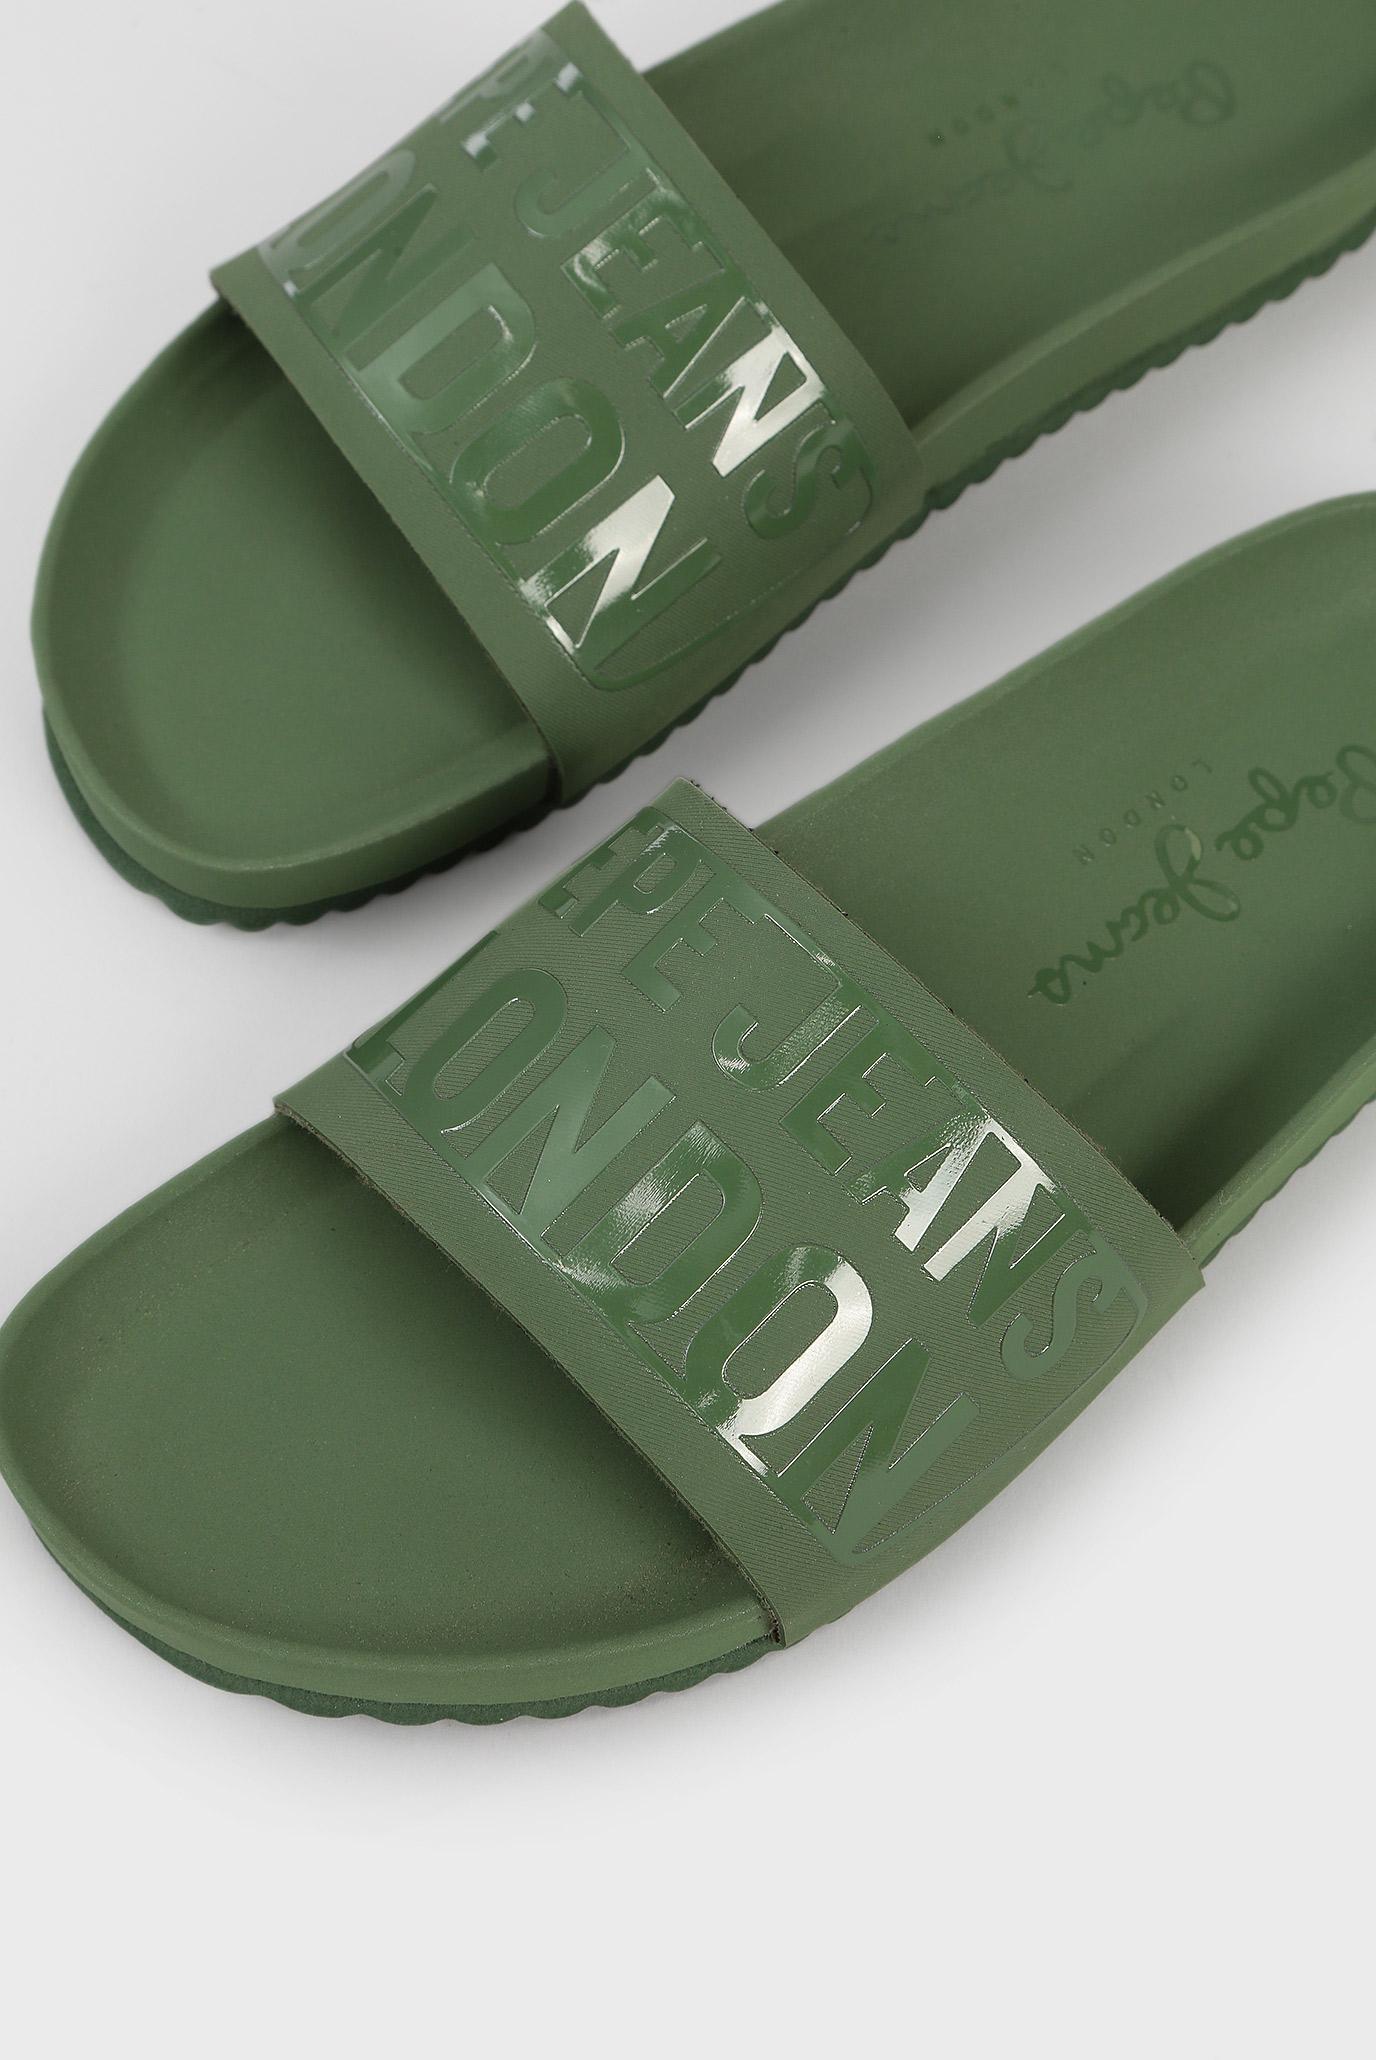 Купить Мужские оливковые слайдеры Pepe Jeans Pepe Jeans PMS90052 – Киев, Украина. Цены в интернет магазине MD Fashion